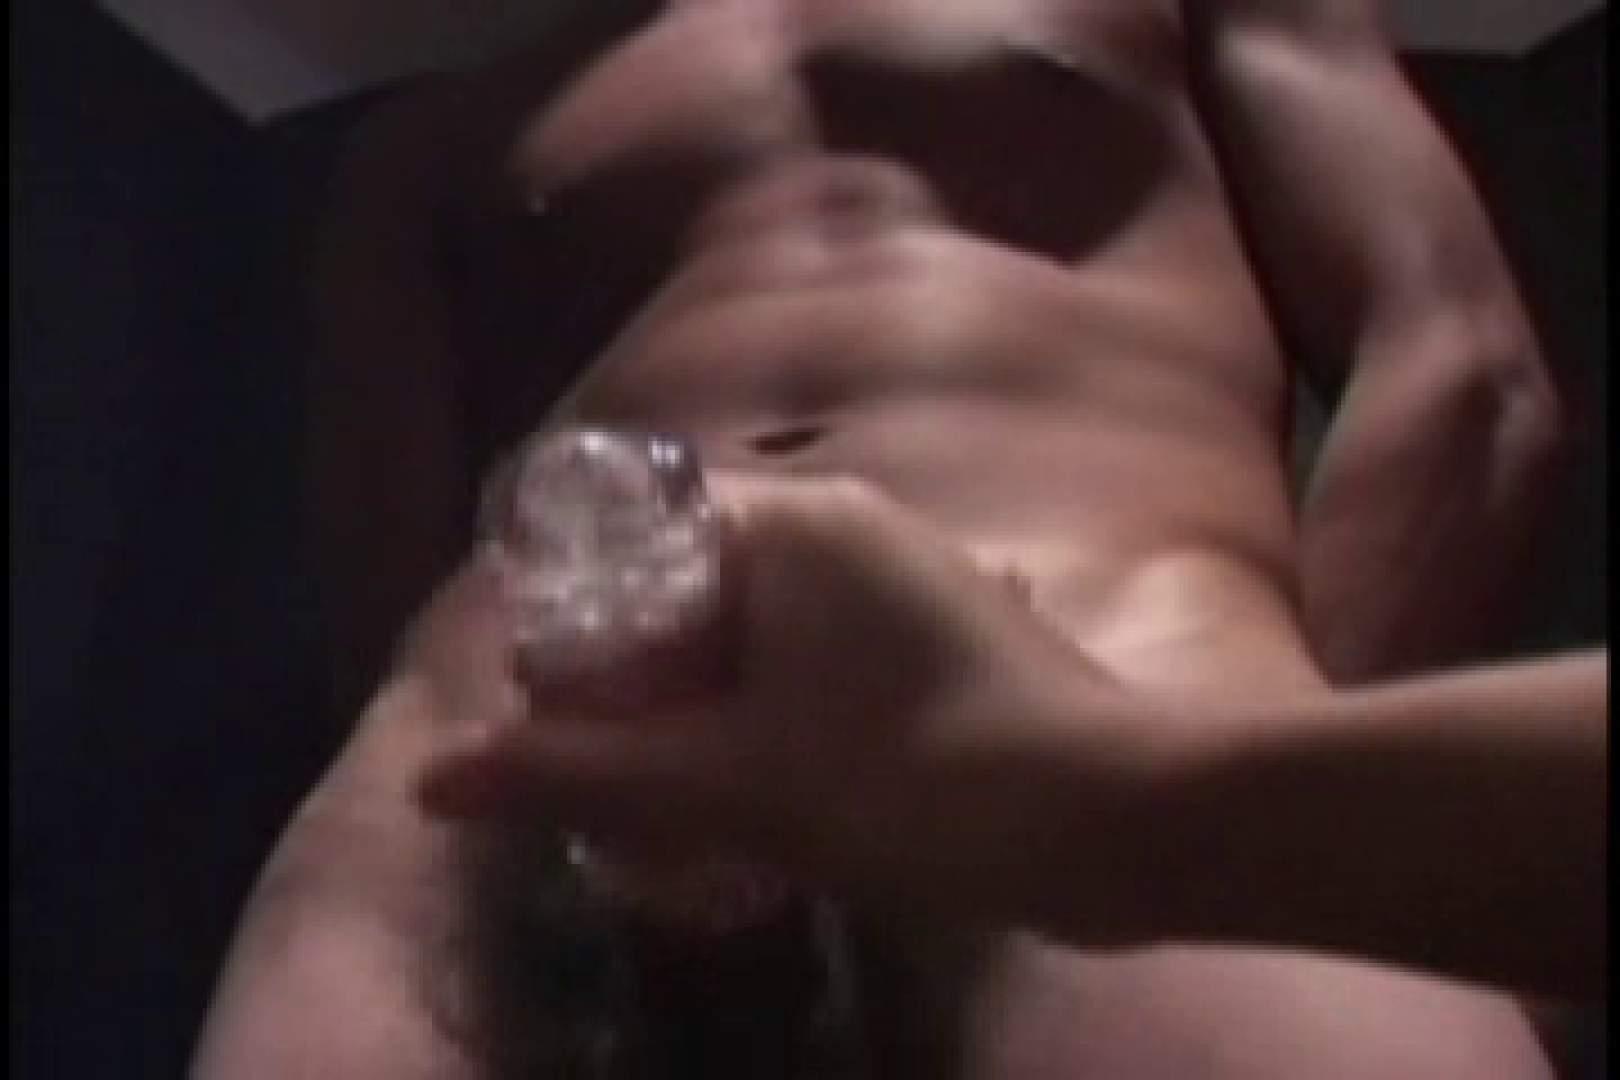 スリ筋!!スポメンのDANKON最高!!take.05 射精シーン GAY無修正エロ動画 87pic 45